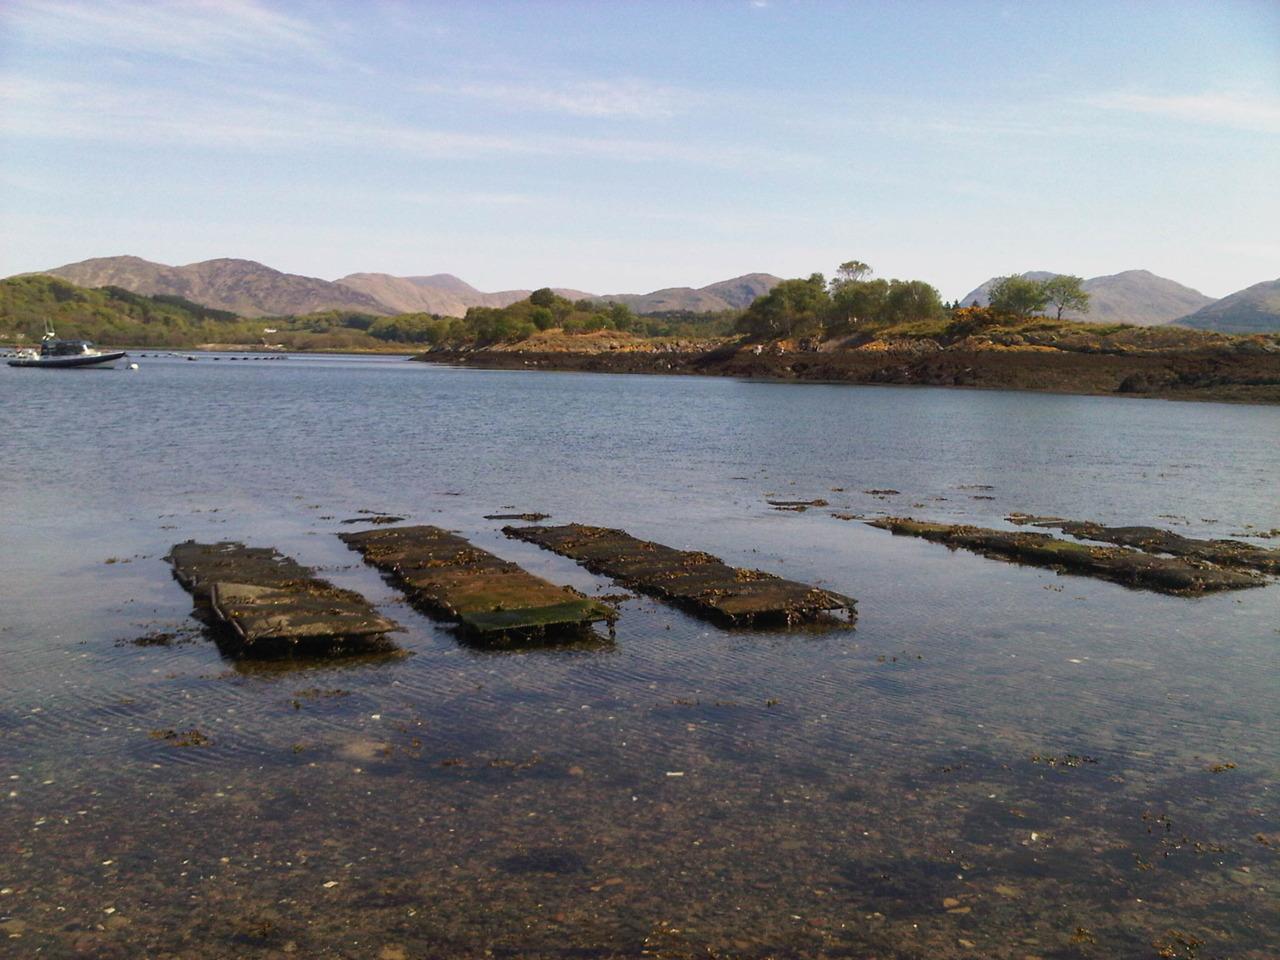 Oyster beds in Loch Crearn